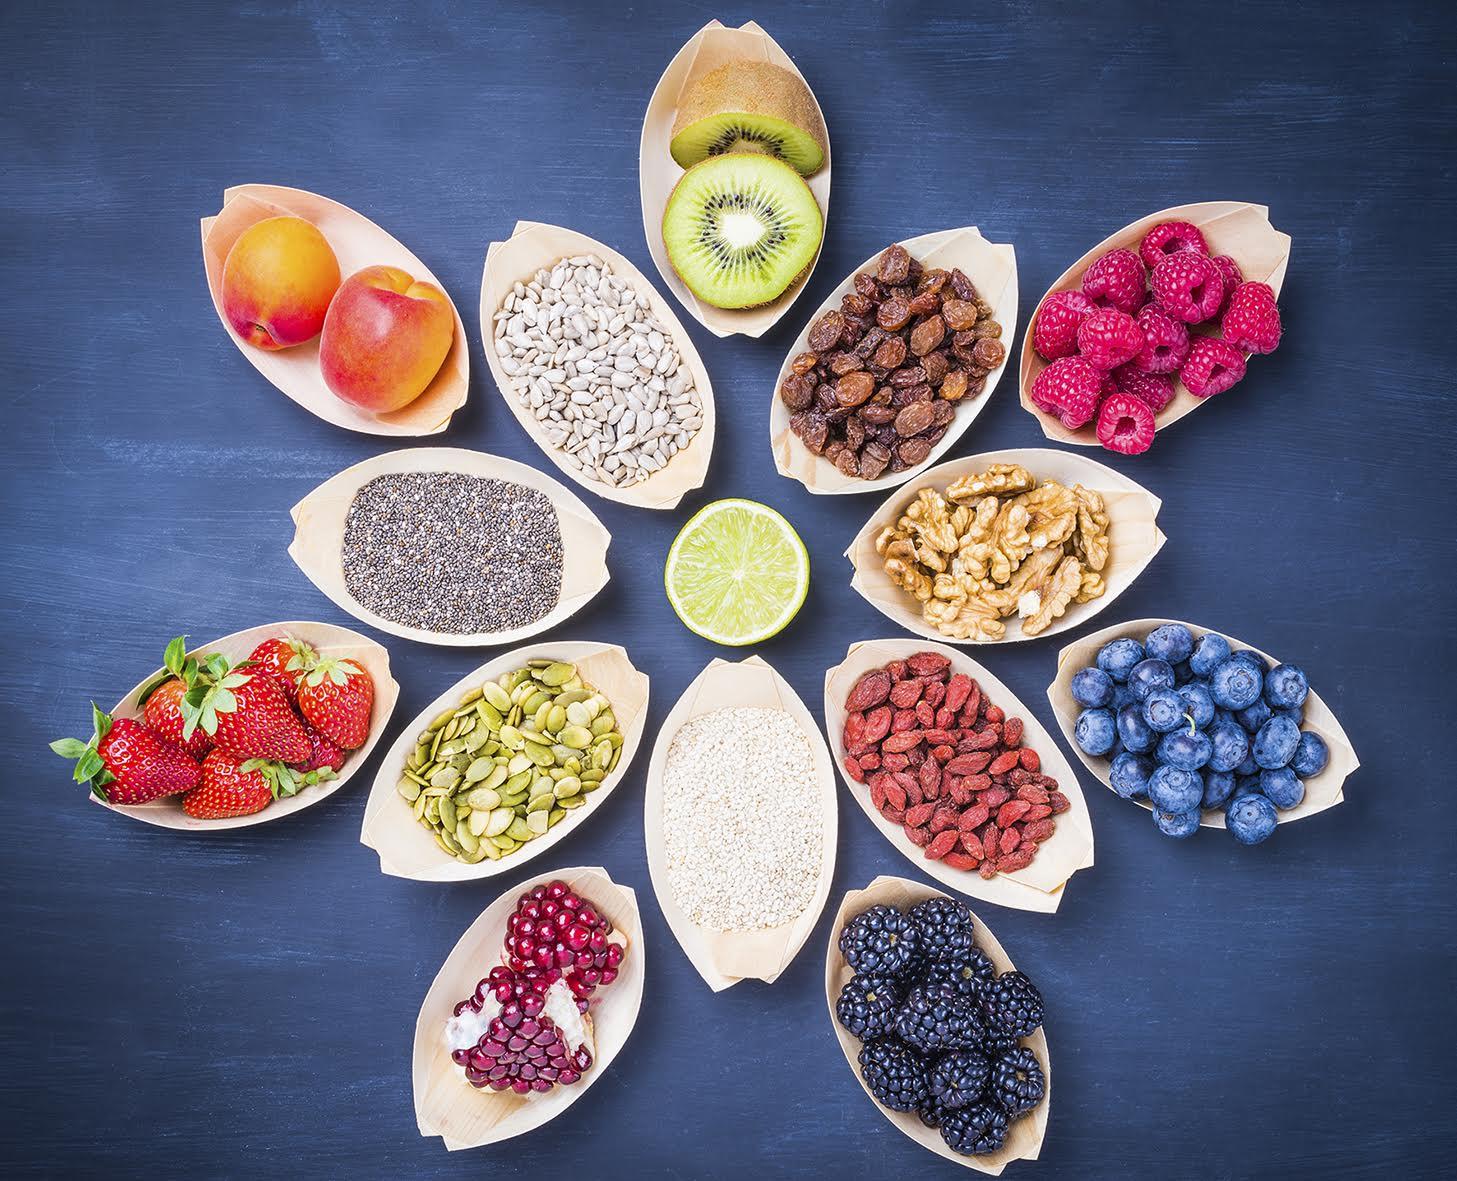 Dietas bajas en carbohidratos podrían ser preligrosas